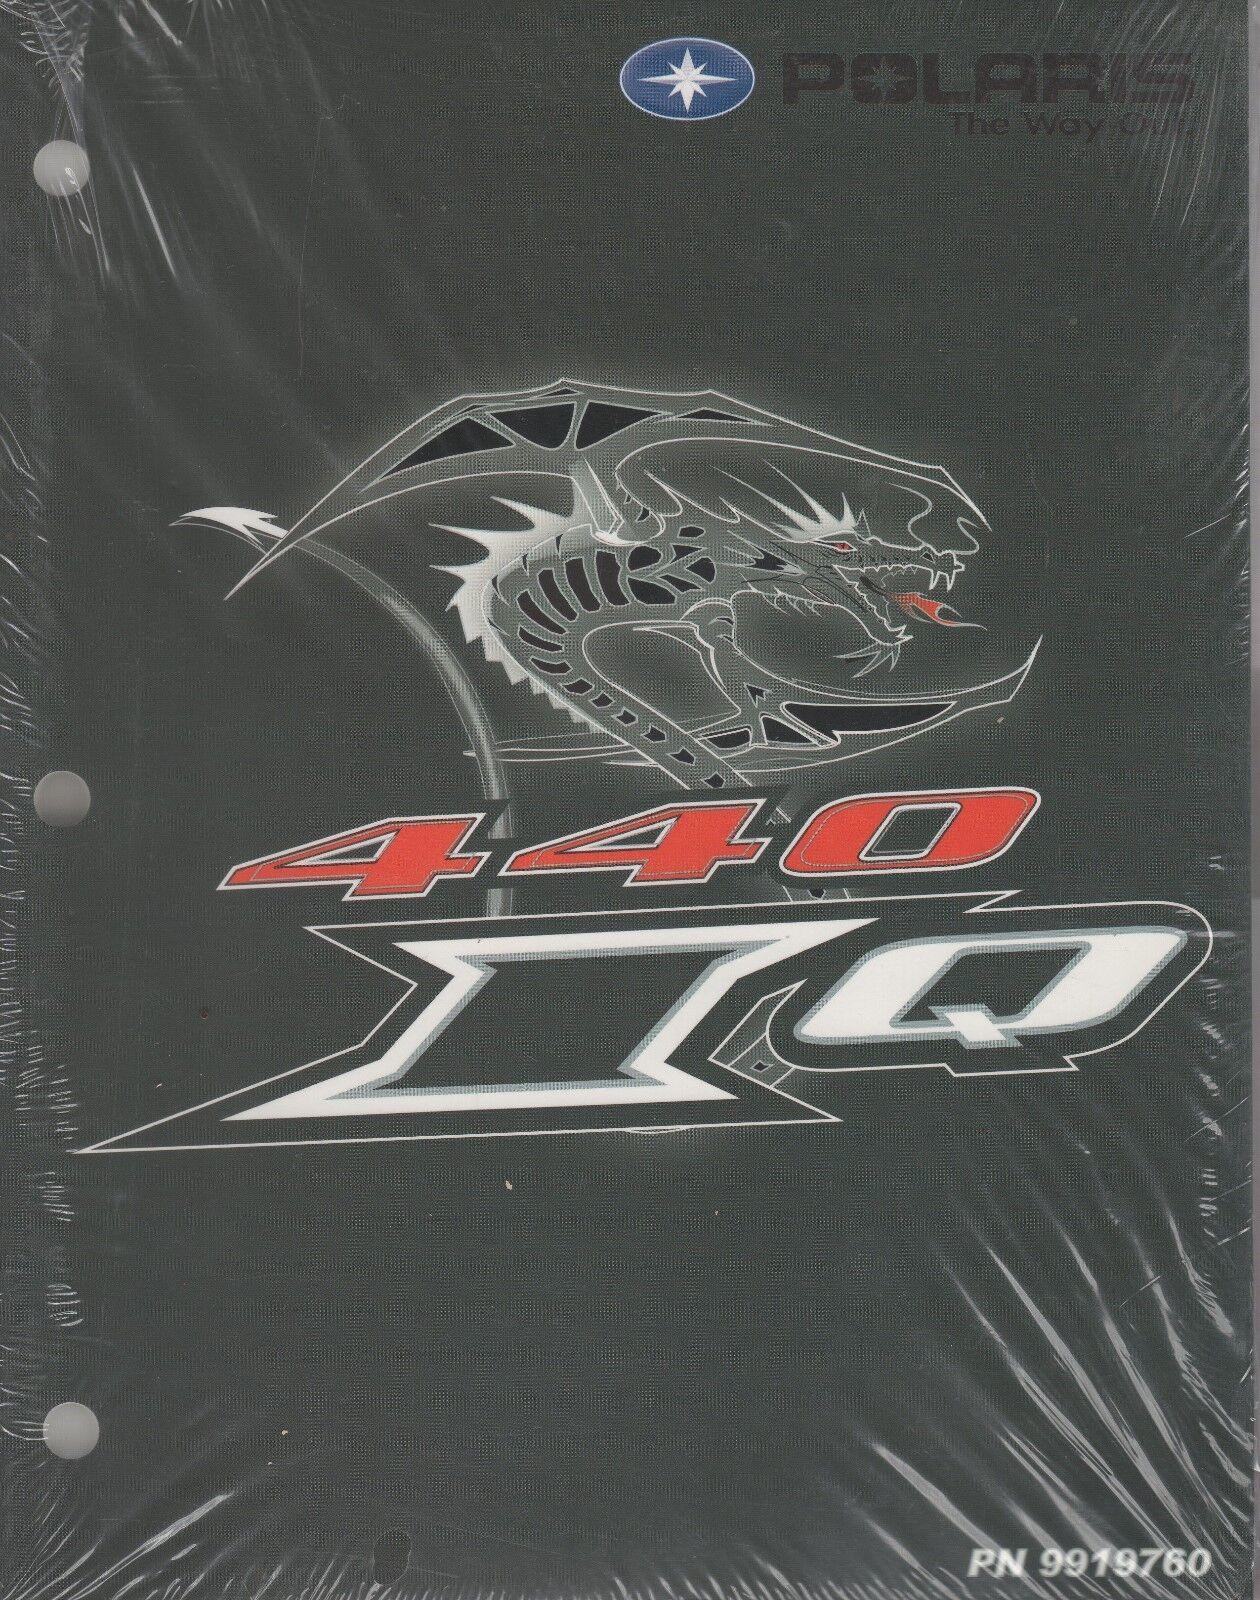 2006 POLARIS 440 IQ SNOWMOBILE SERVICE MANUAL P N 9919760 (961)